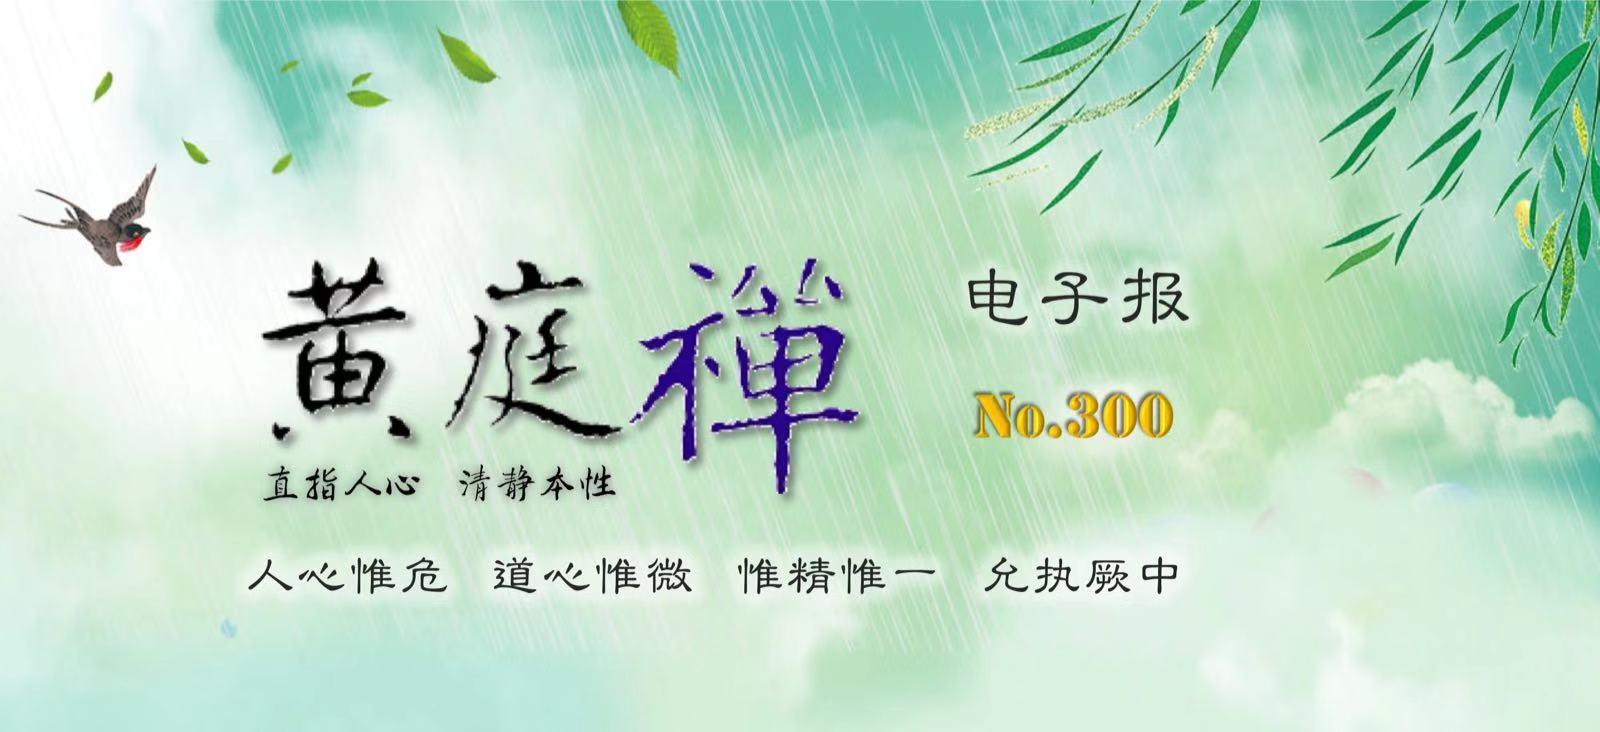 中华黄庭禅学会2019.02.21电子报